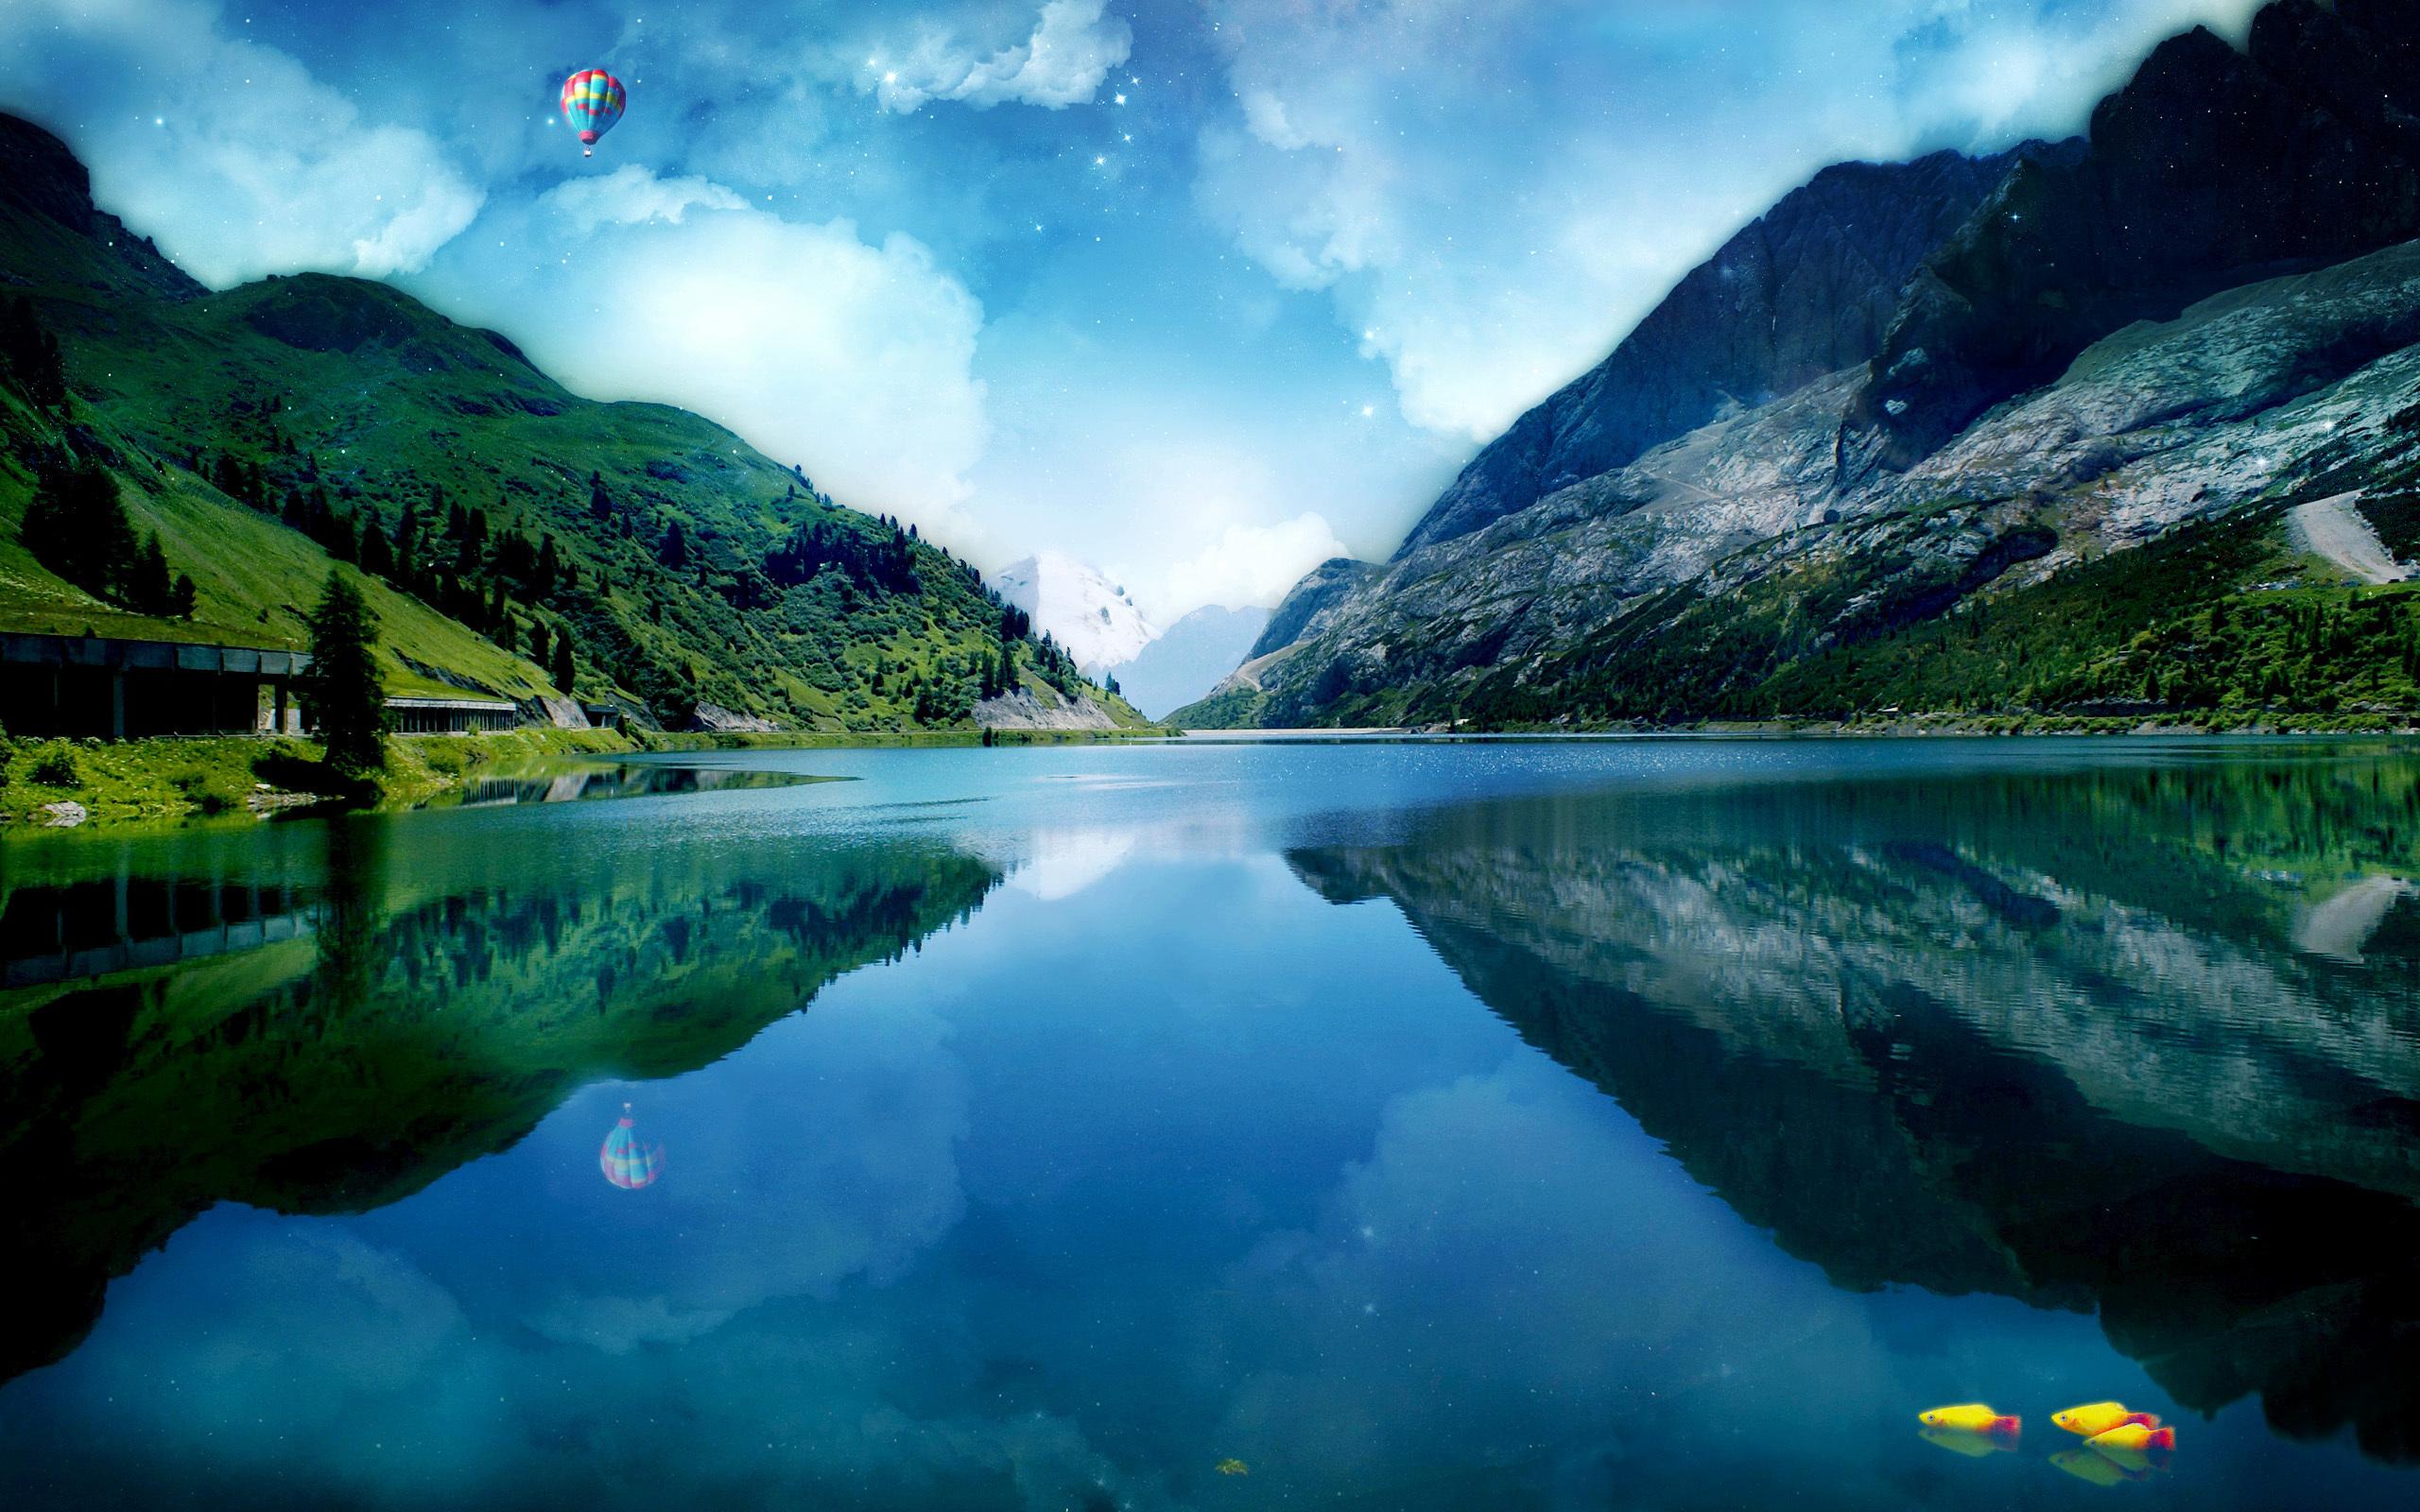 природа озеро отражение горы архитектура без смс